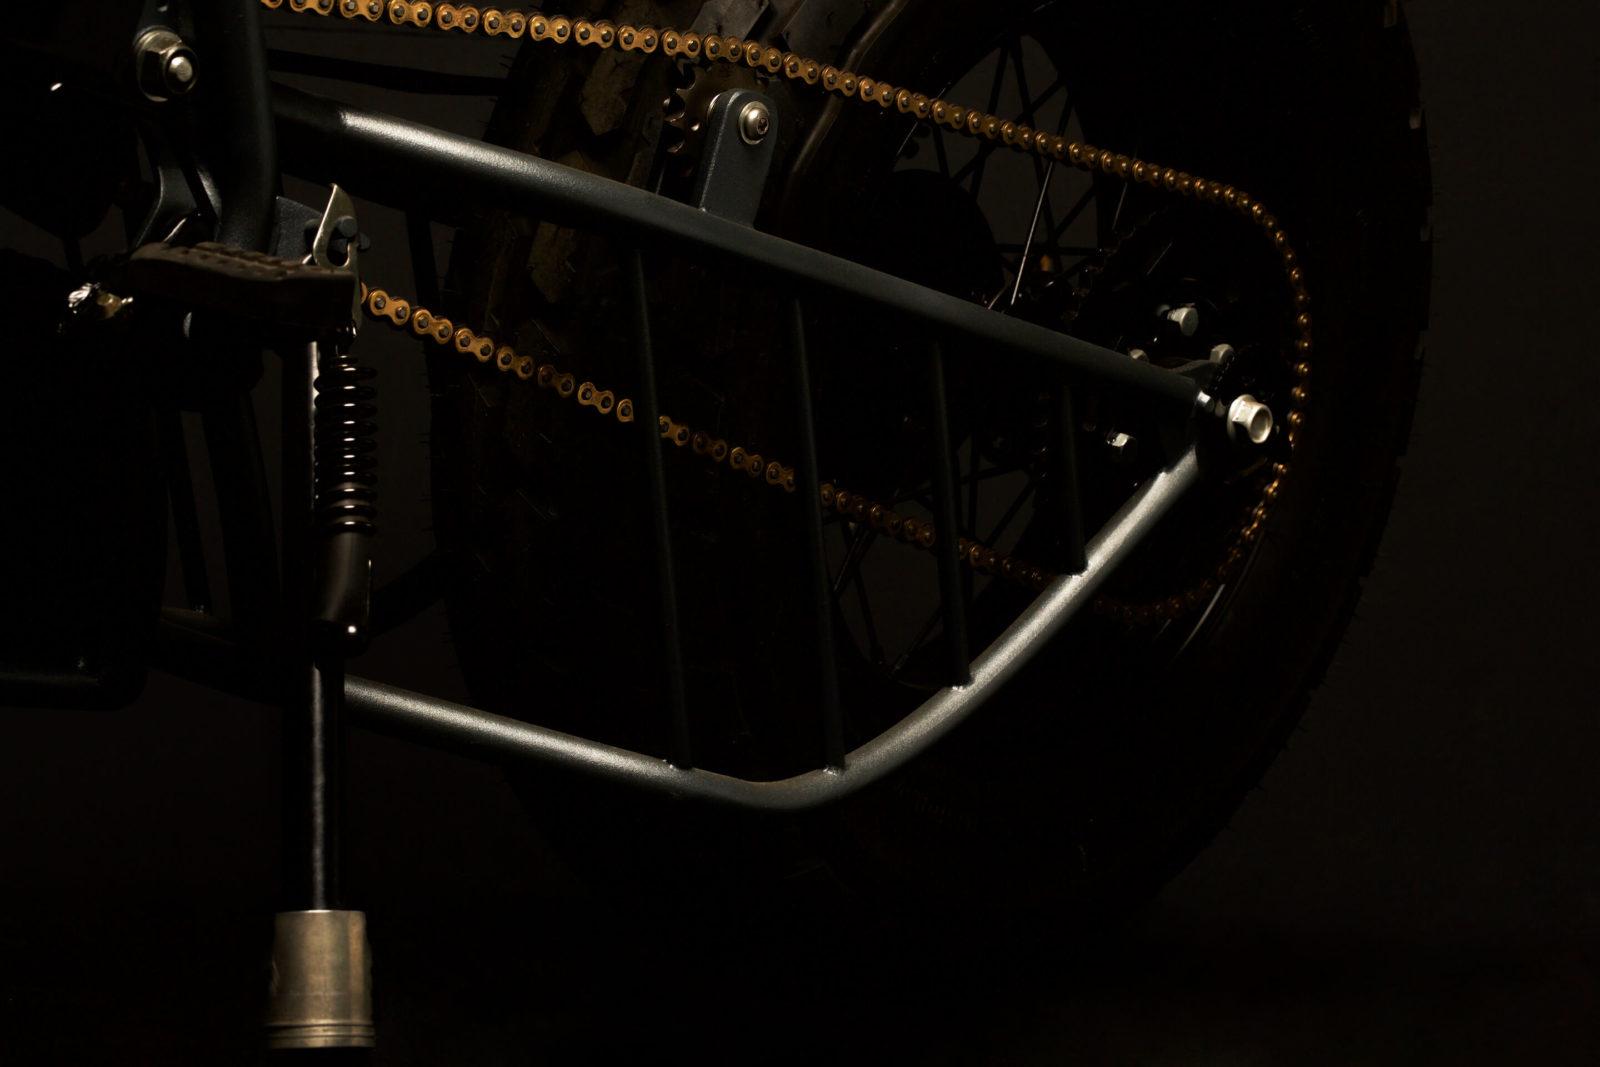 TW125 TW 125 custom atelier médusa préparation cafe racer vintage scrambler